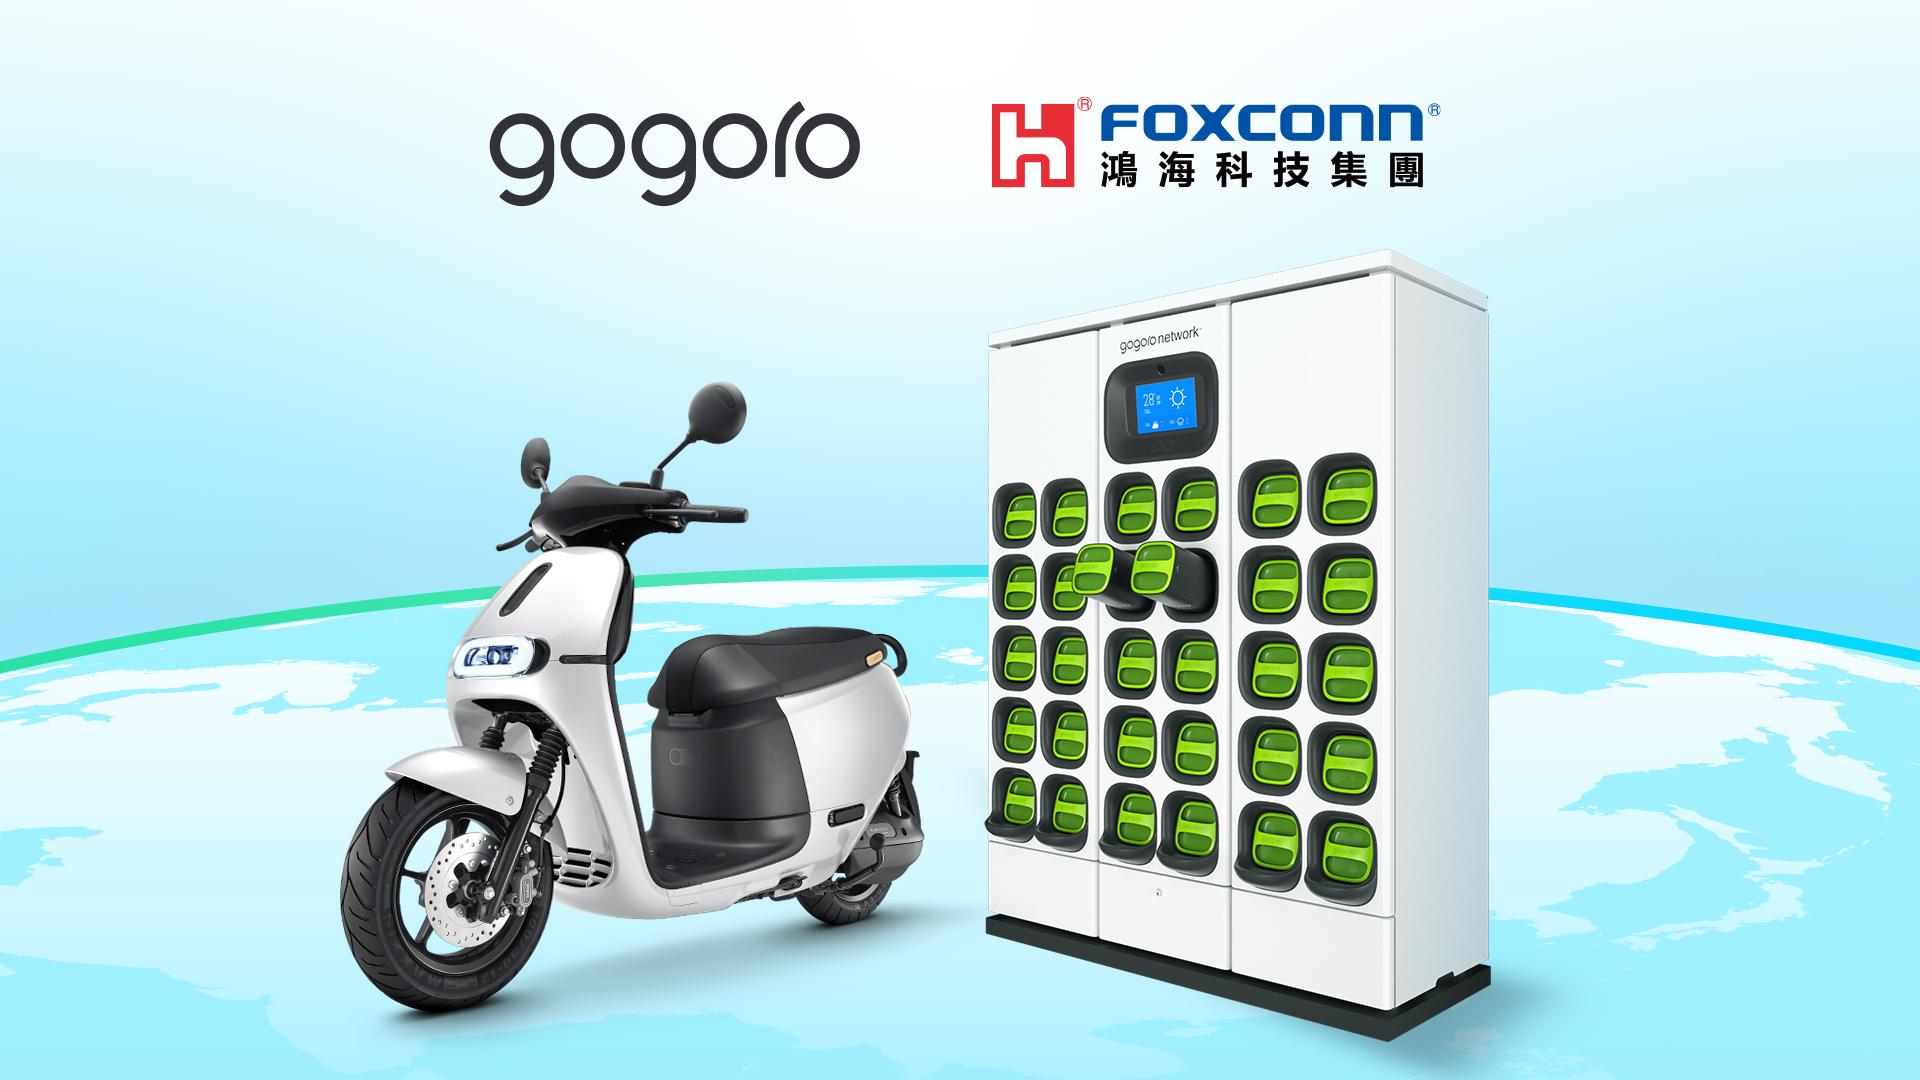 Gogoro Foxconn